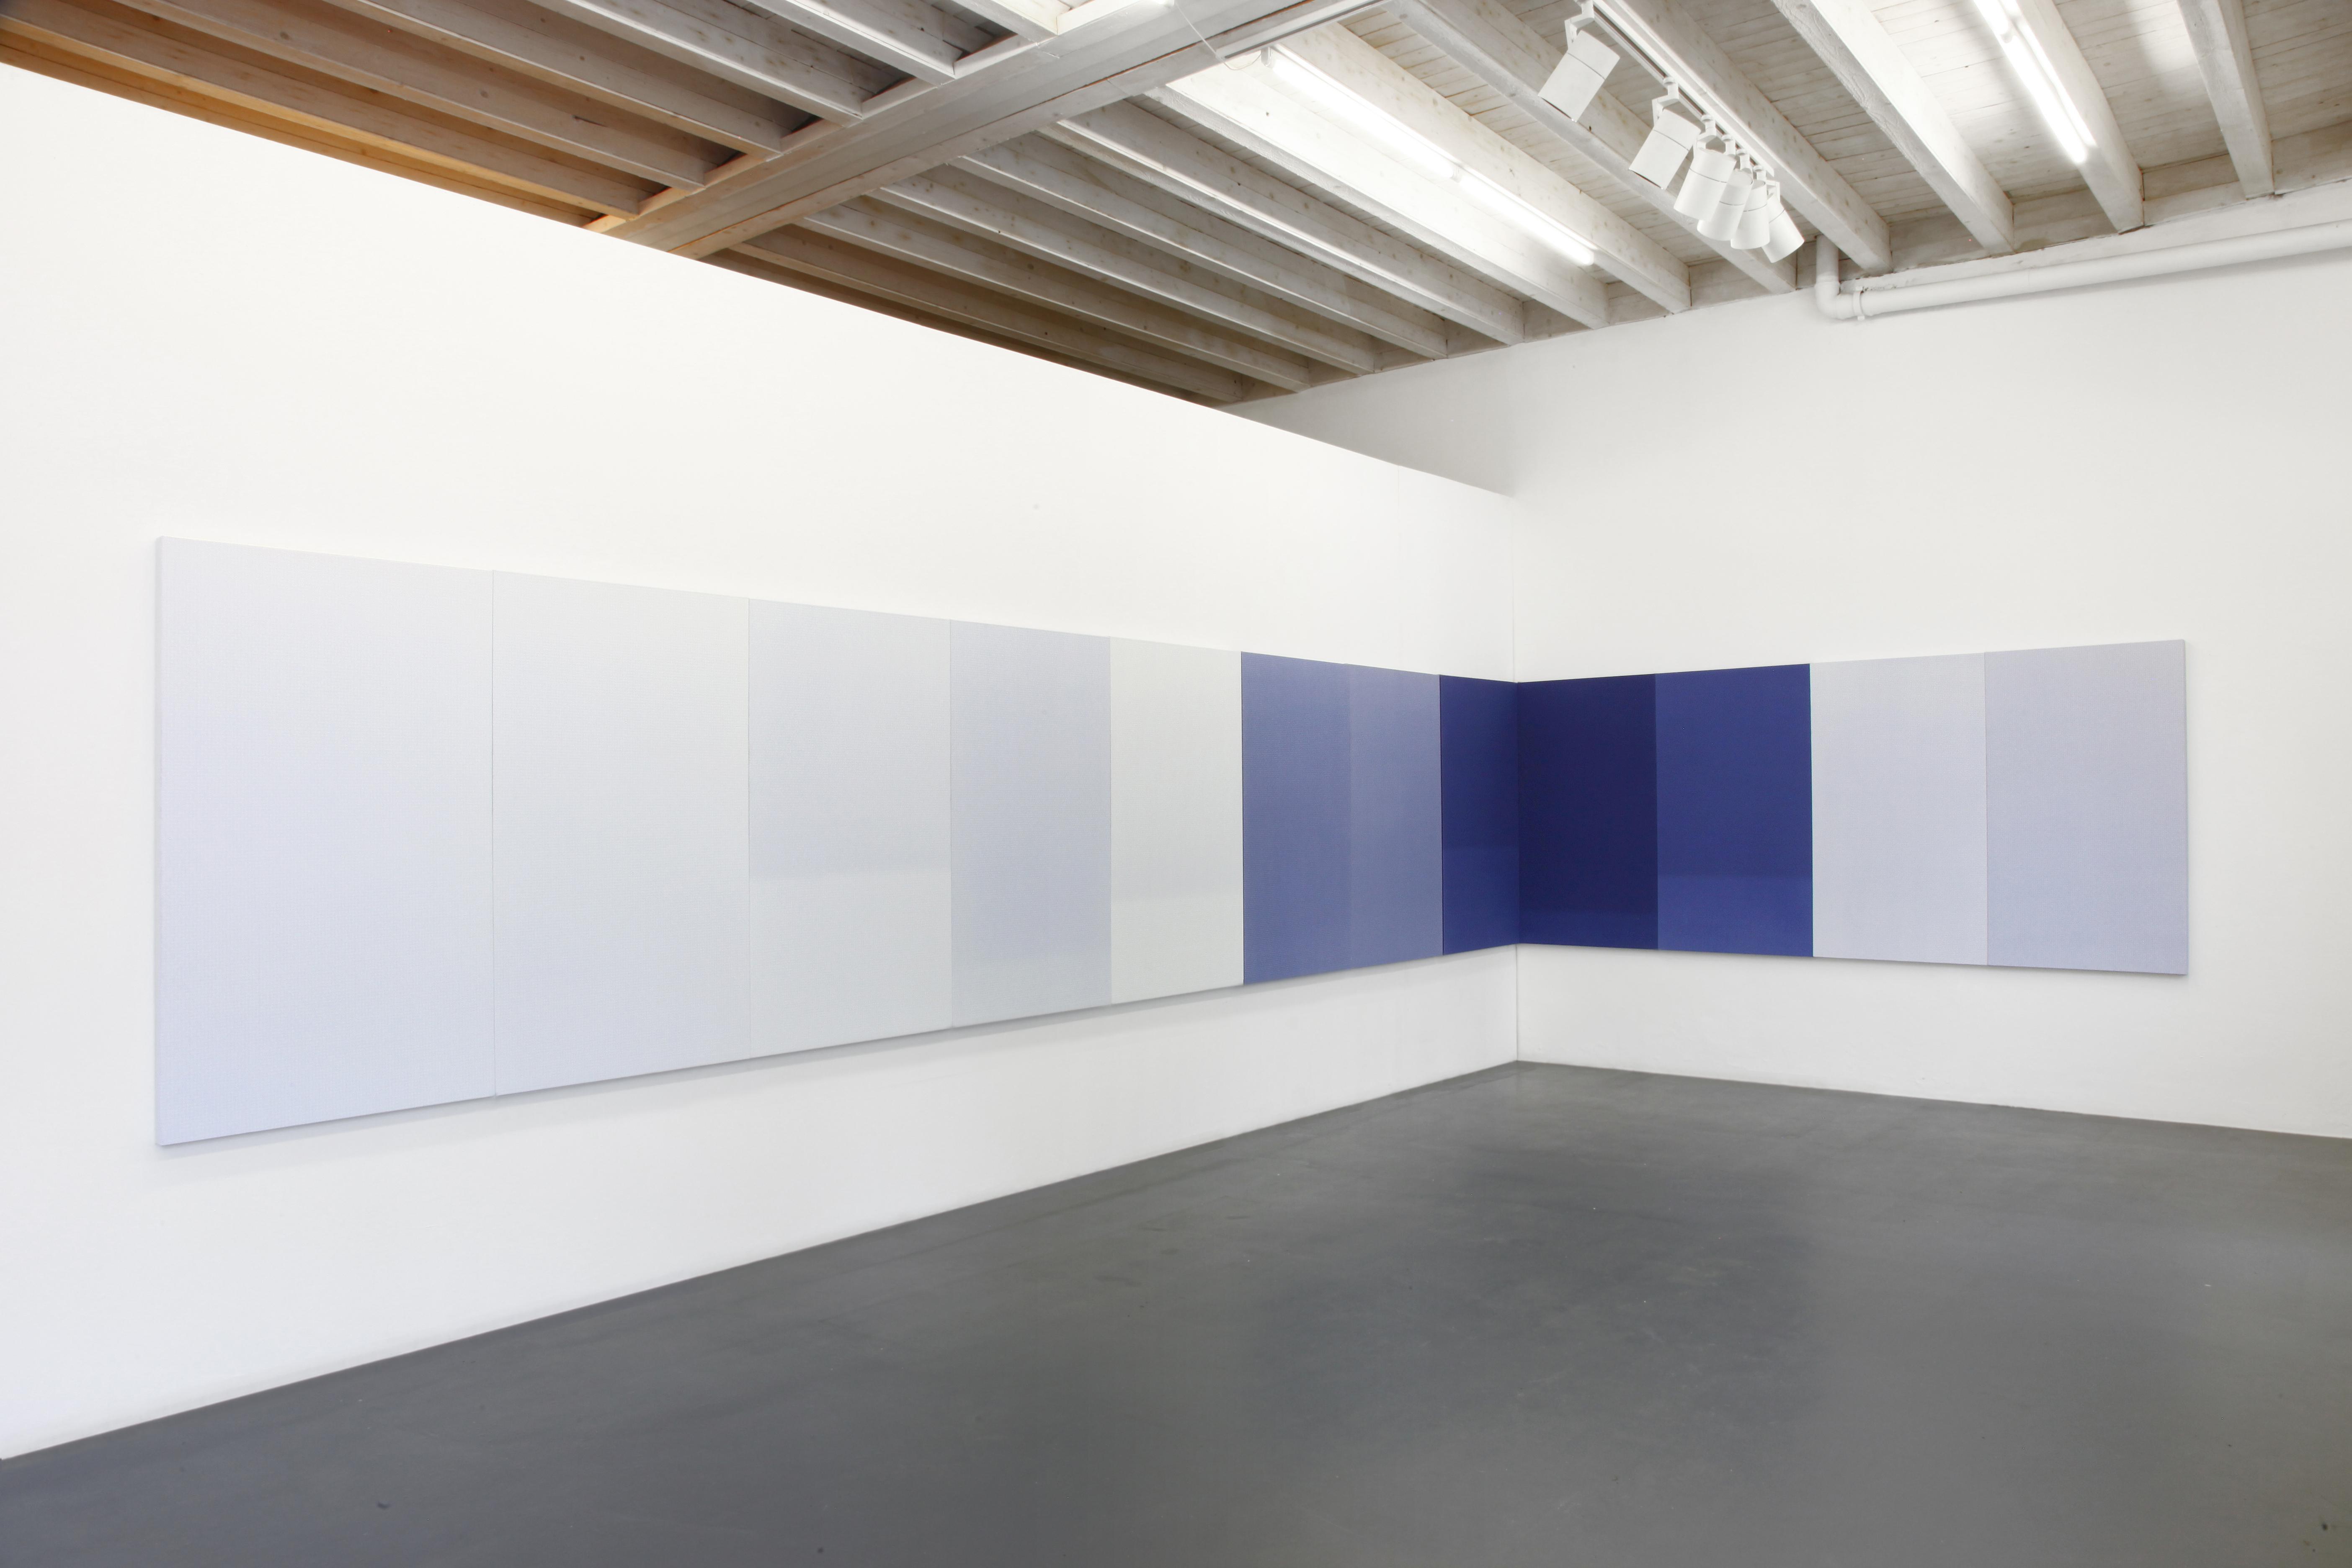 """""""Square"""", 2017, tecnica mista su tela, 140 x 960 cm, Courtesy Maurizio Caldirola Arte Contemporanea, Monza"""